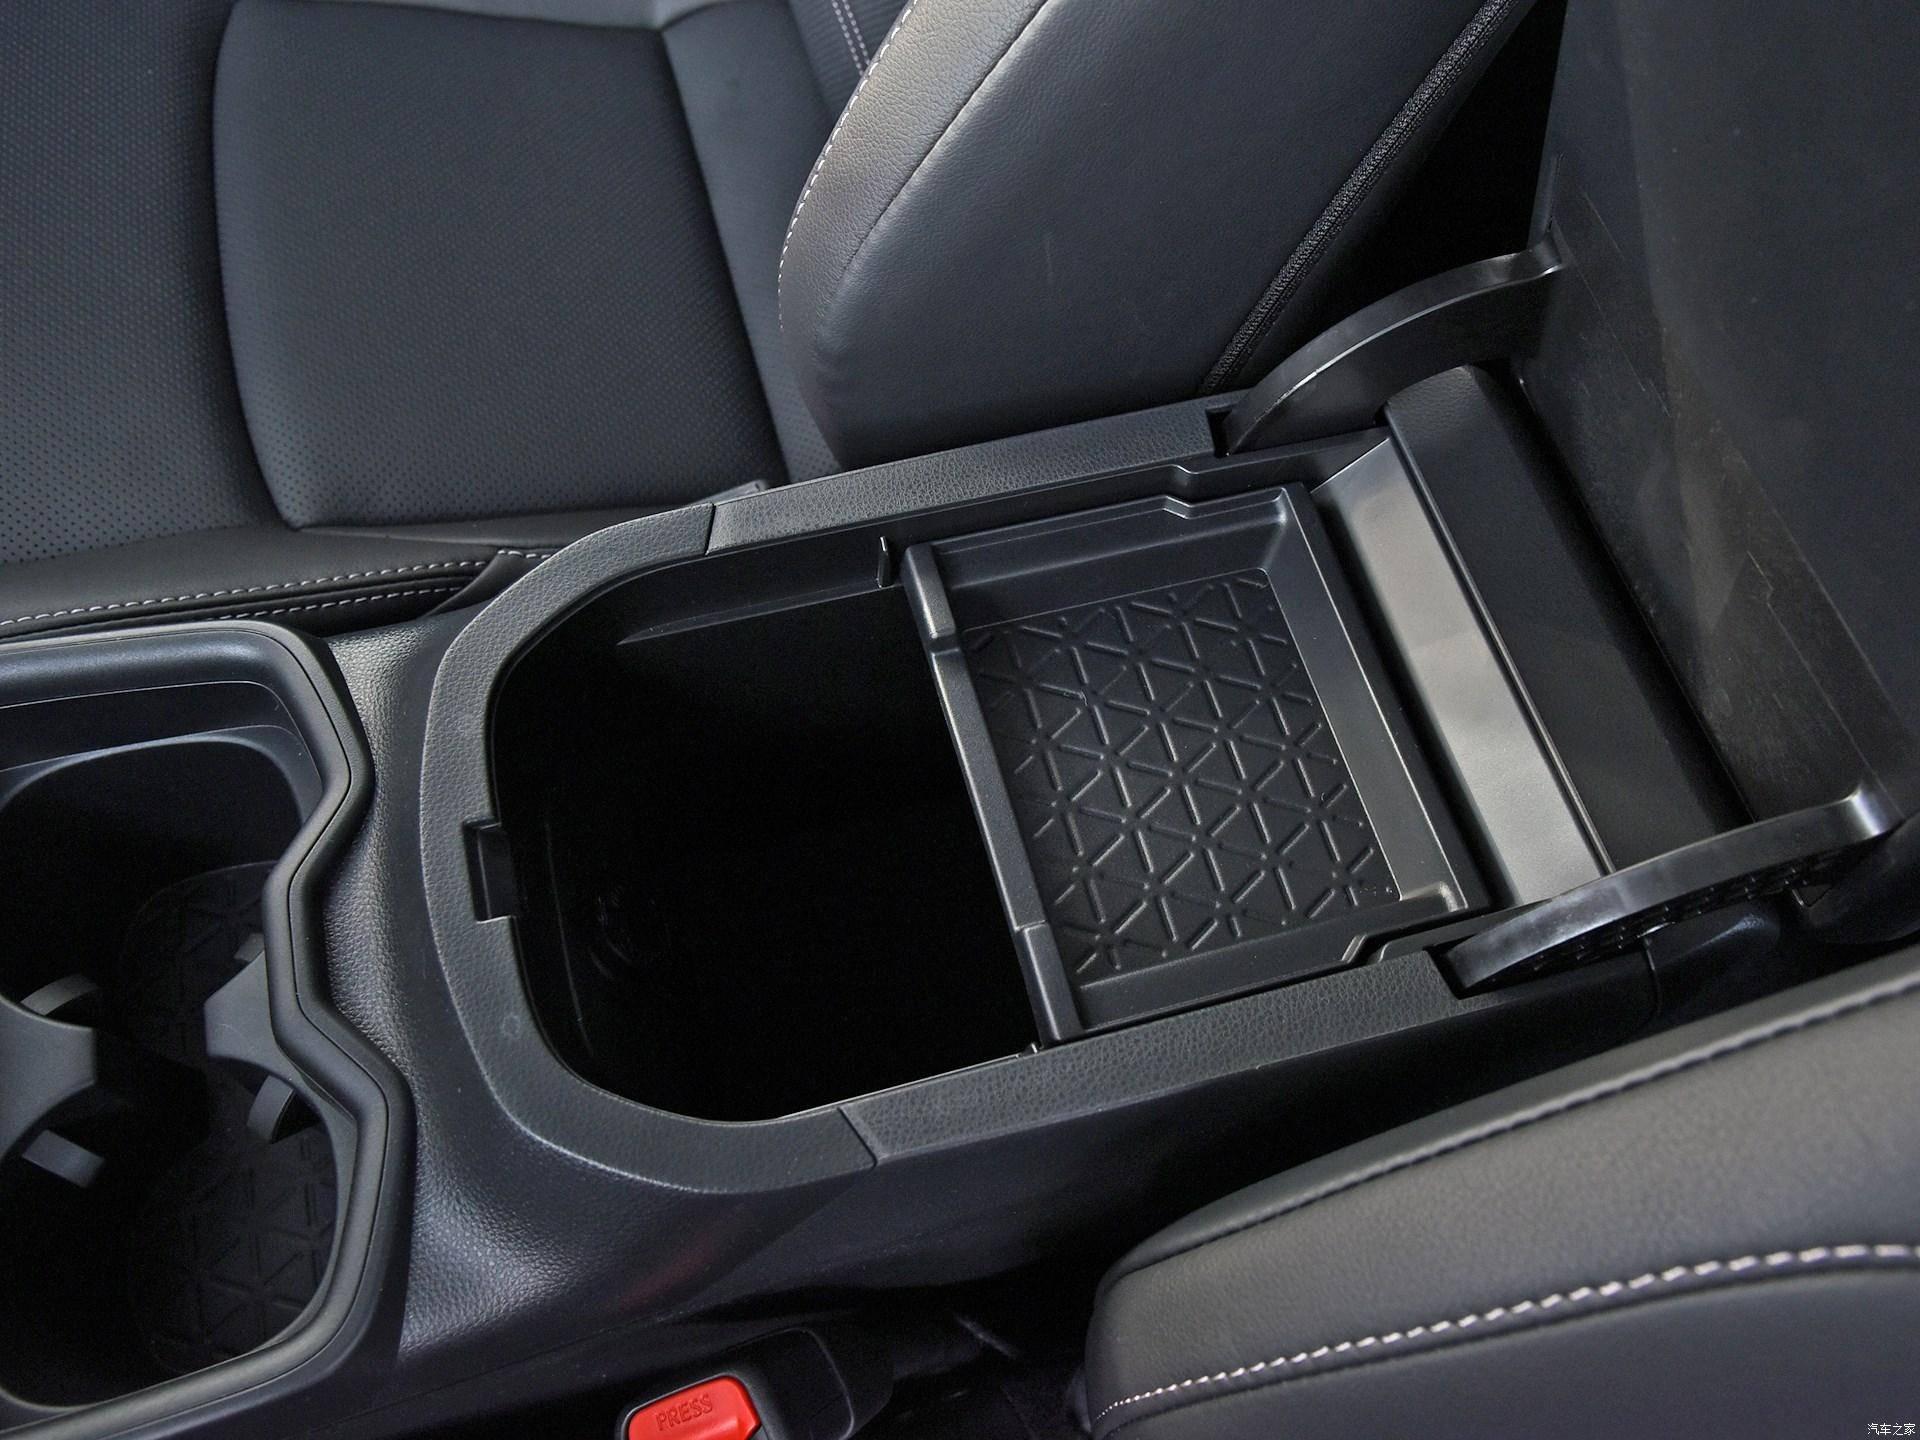 紧凑型SUV丰田威兰达首次亮相,工艺精湛,材质上乘,并提供四轮驱动车型。